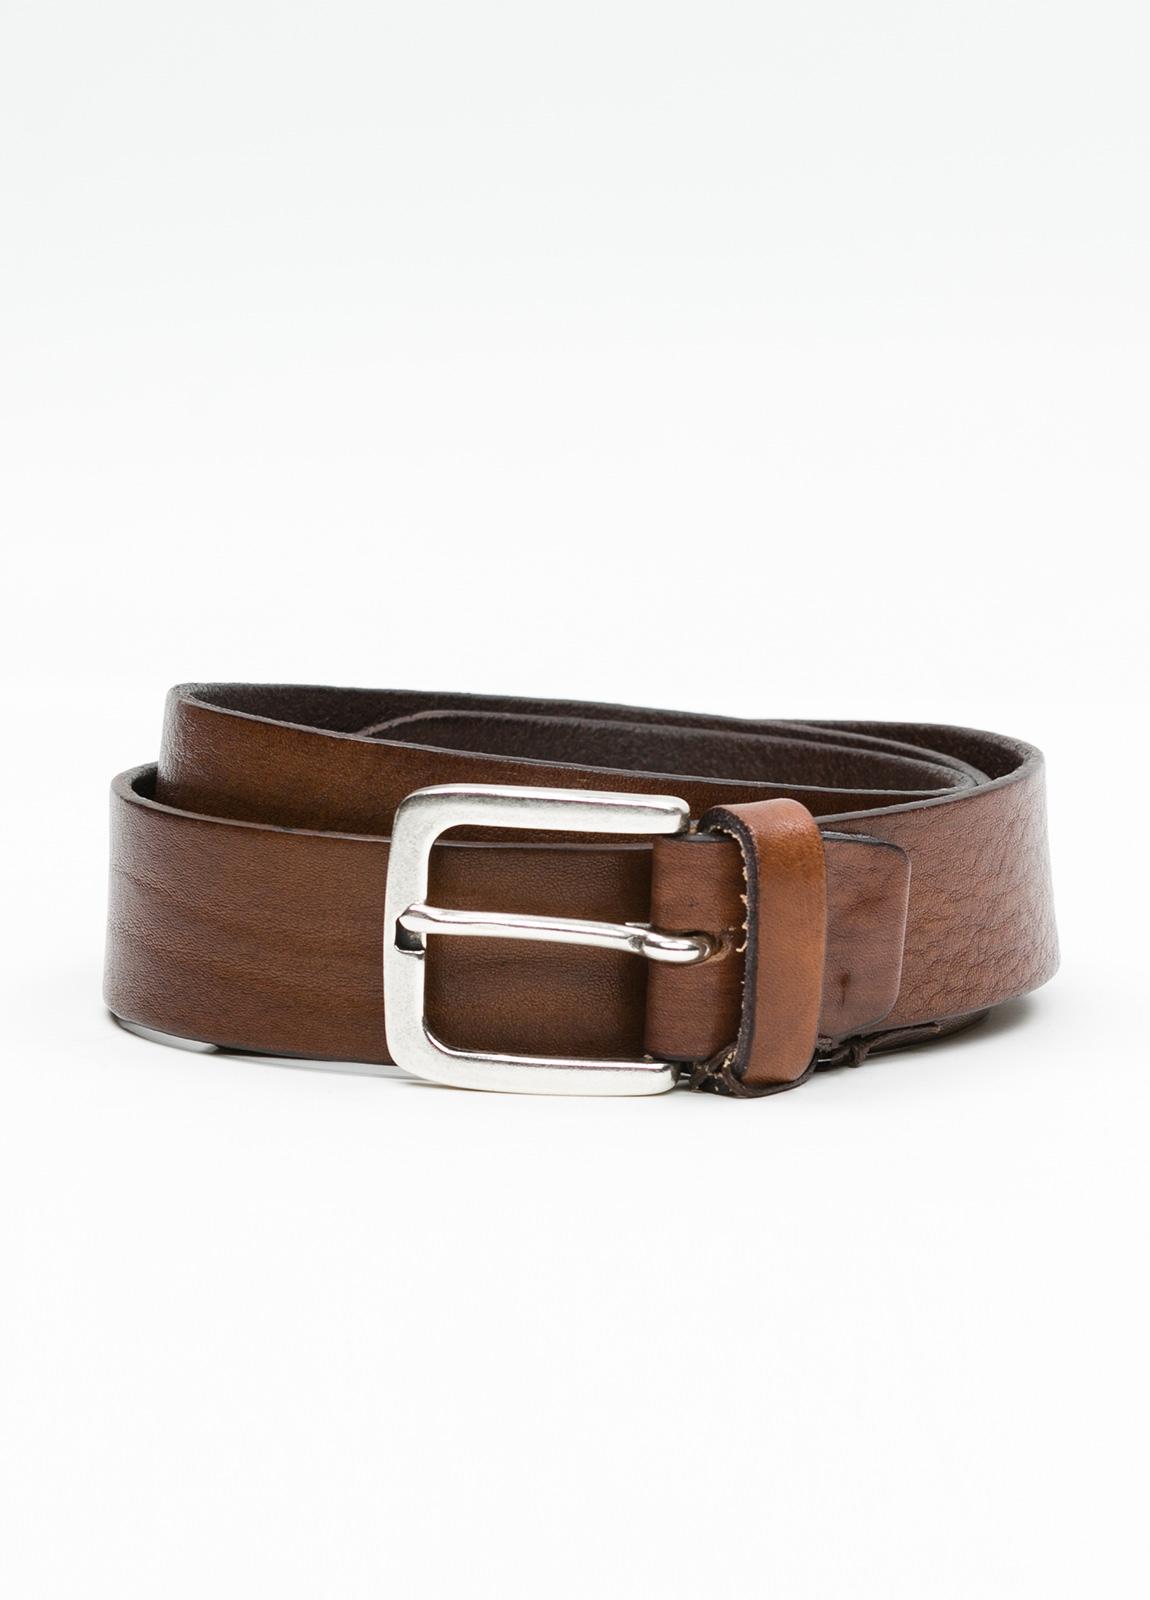 Cinturón sport piel lisa color marrón. 100% Piel.